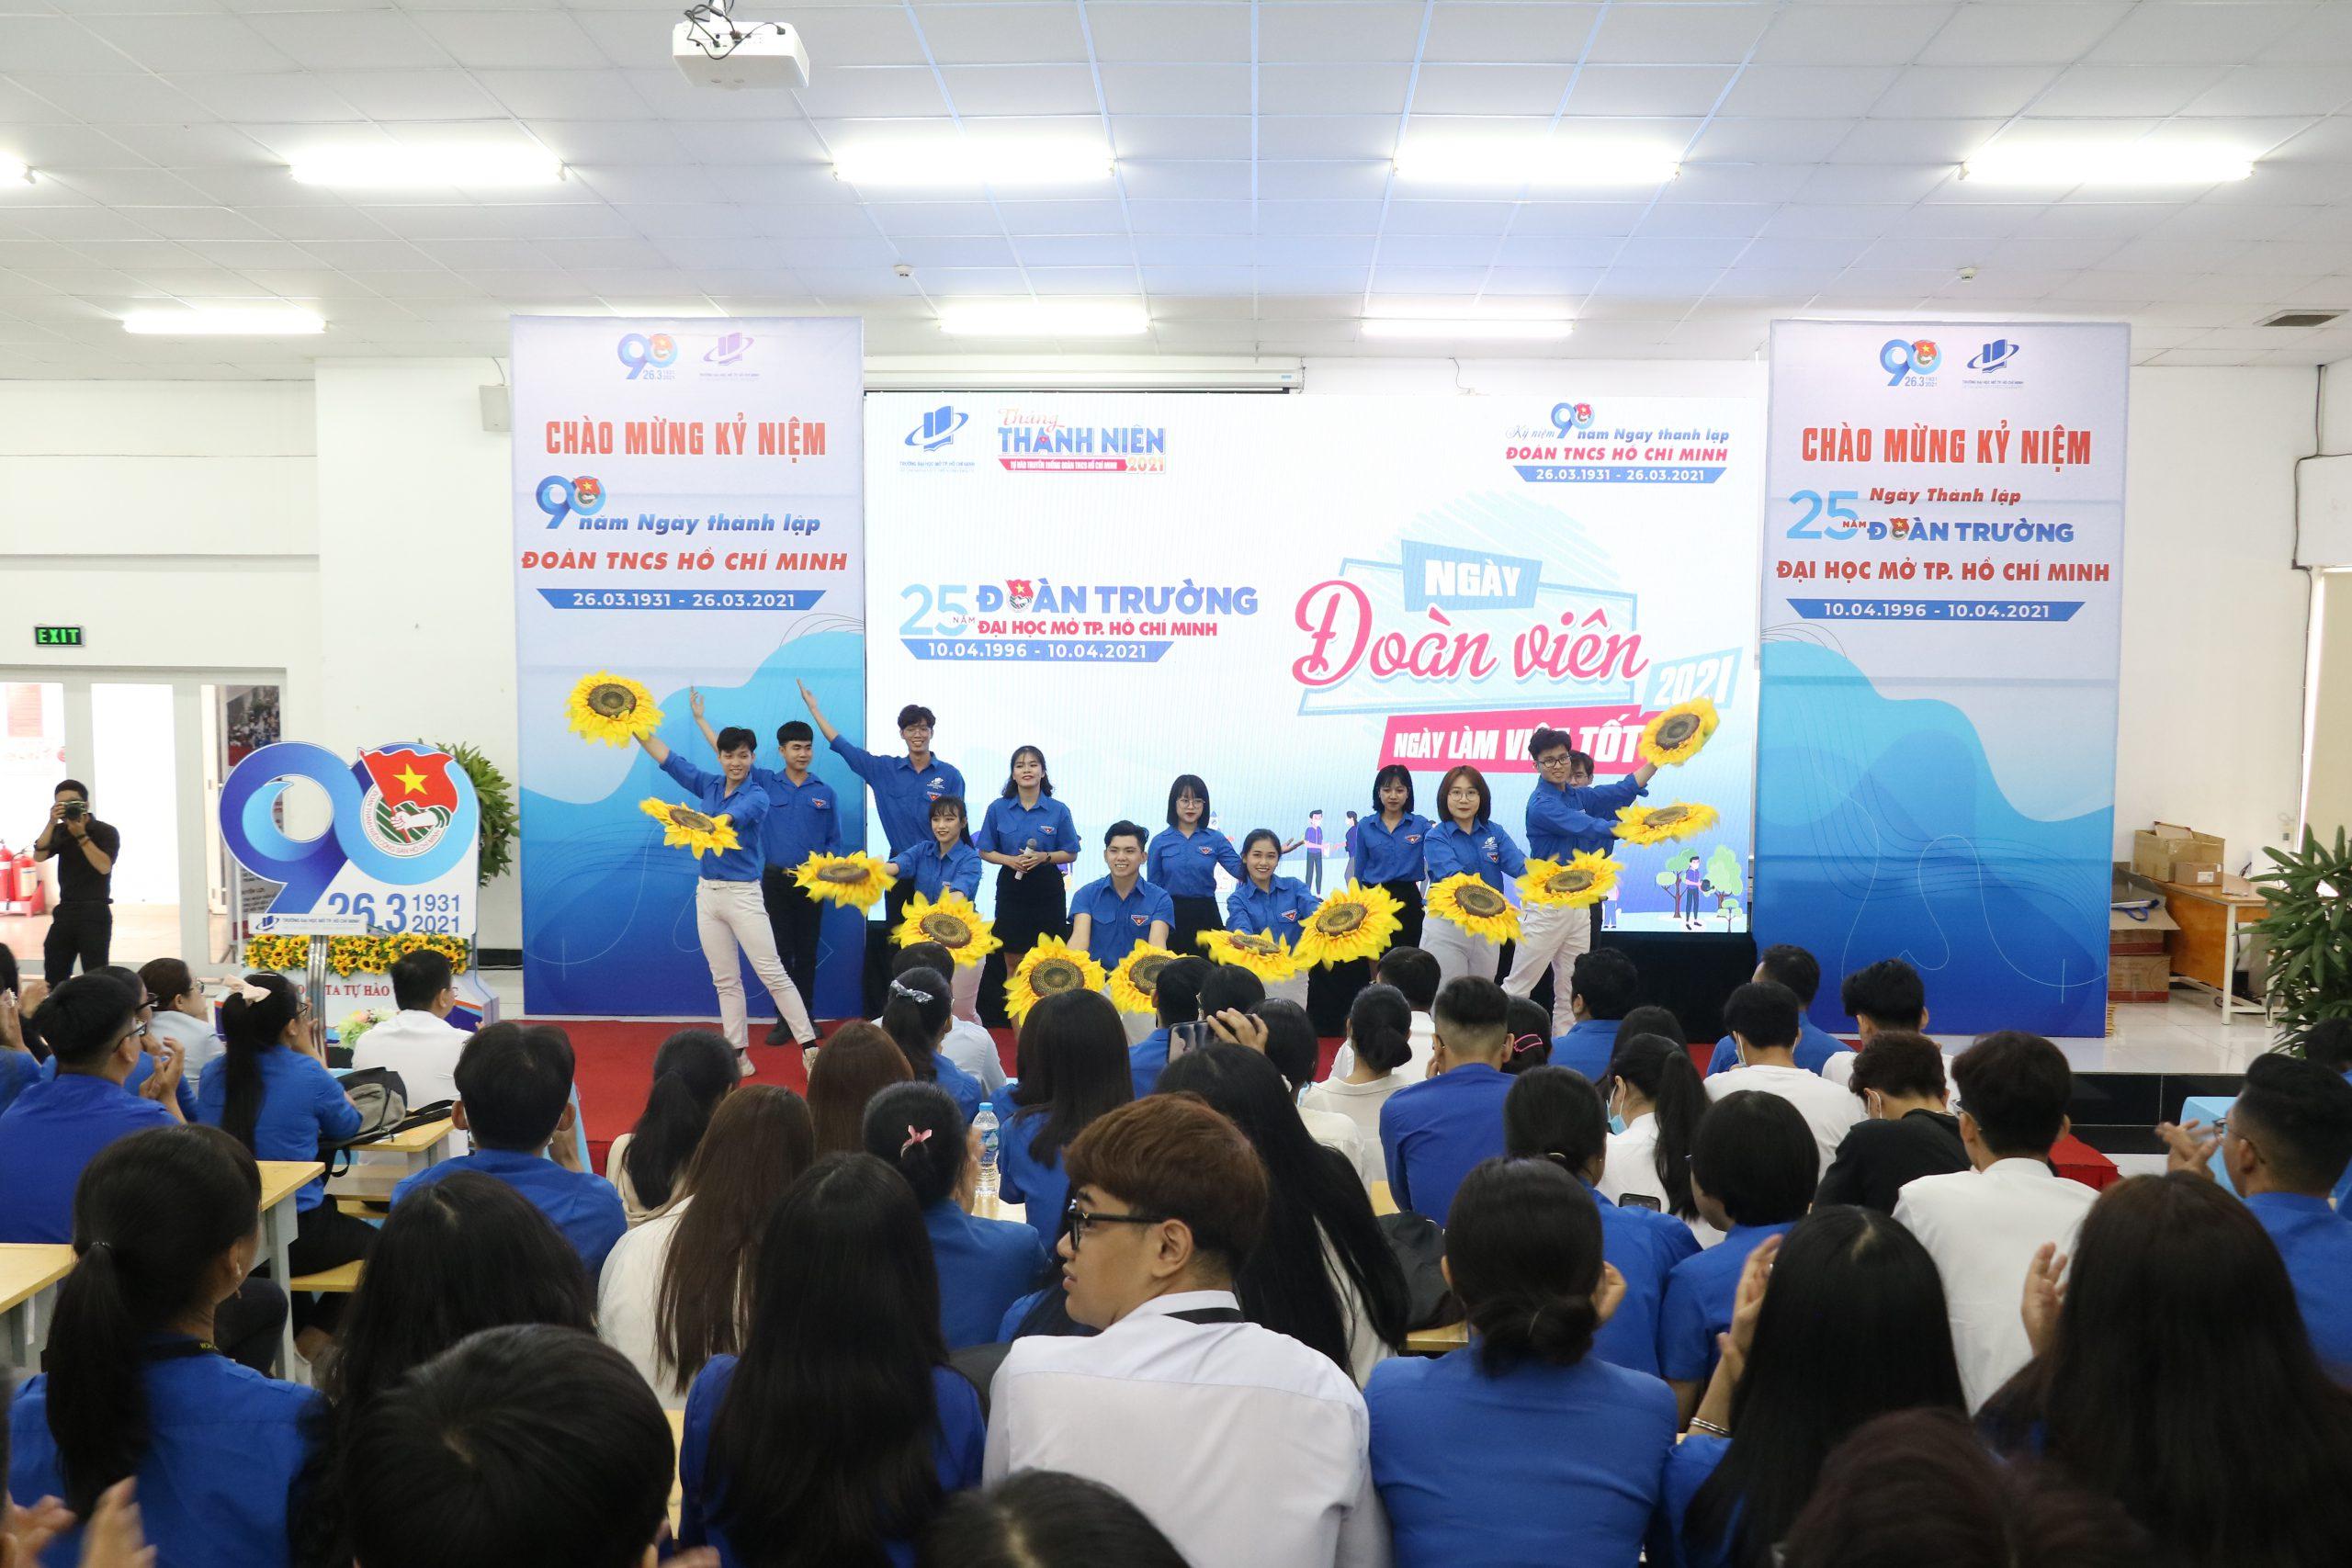 Trường ĐH Mở TPHCM tổ chức ngày Đoàn viên – Ngày làm việc tốt năm 2021